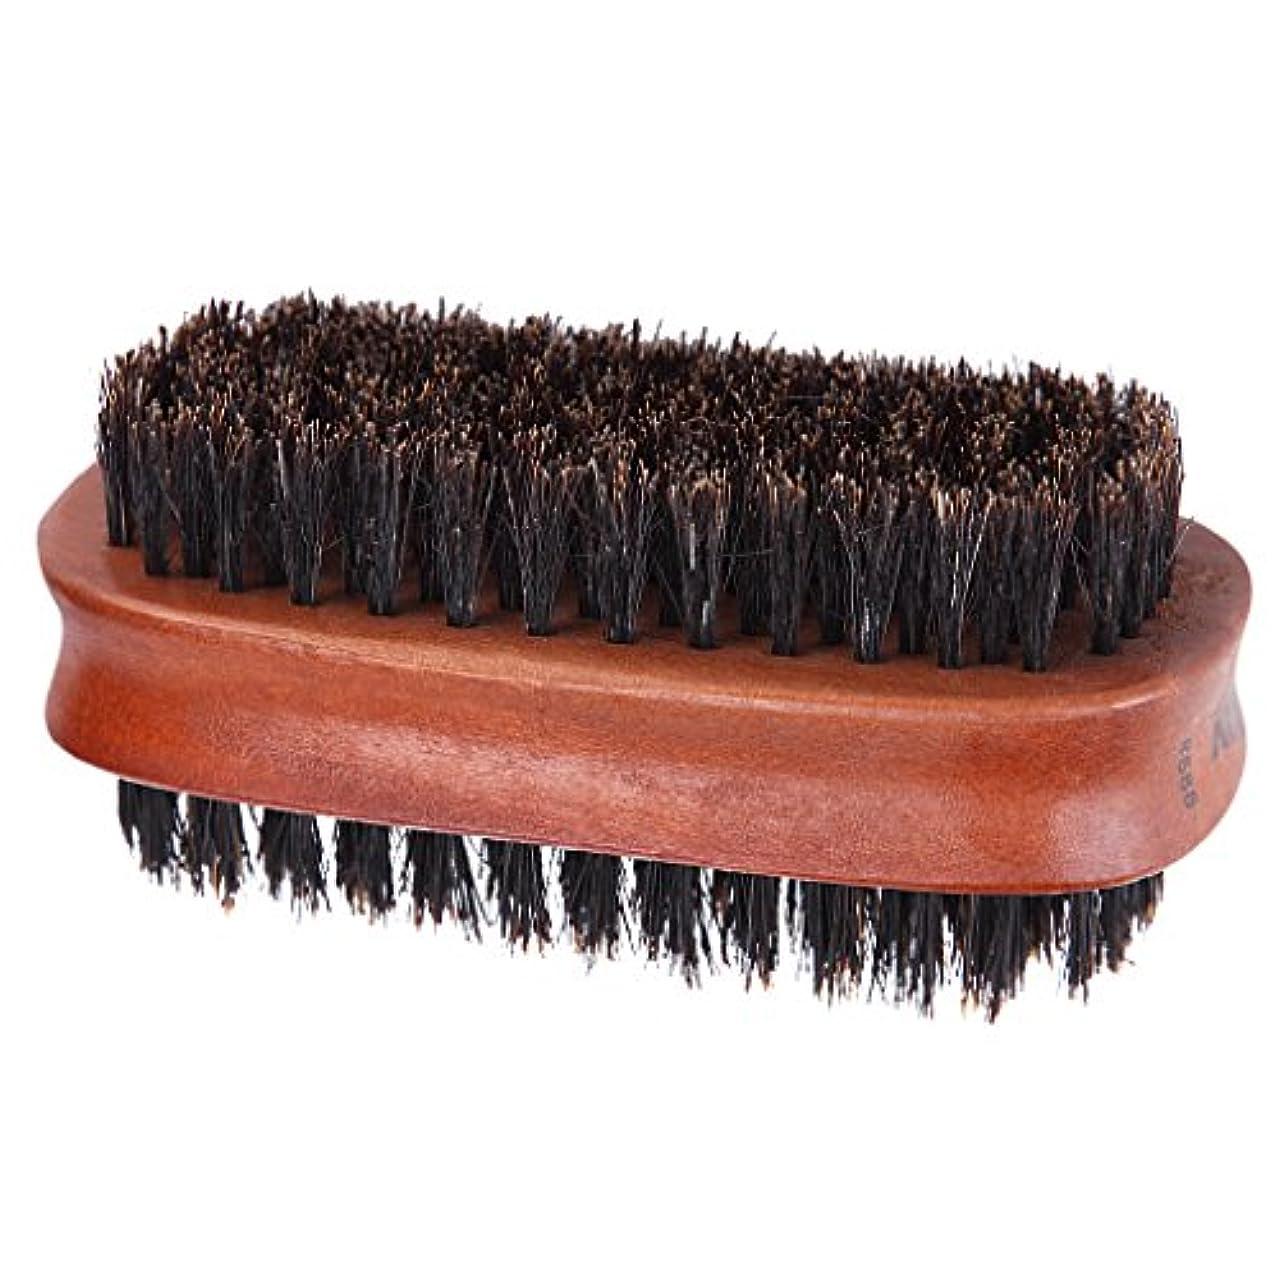 データベース定義メンバーヘアブラシ 両面ブラシ 理髪店 美容院 ソフトブラシ ヘアカッター ダスターブラシ